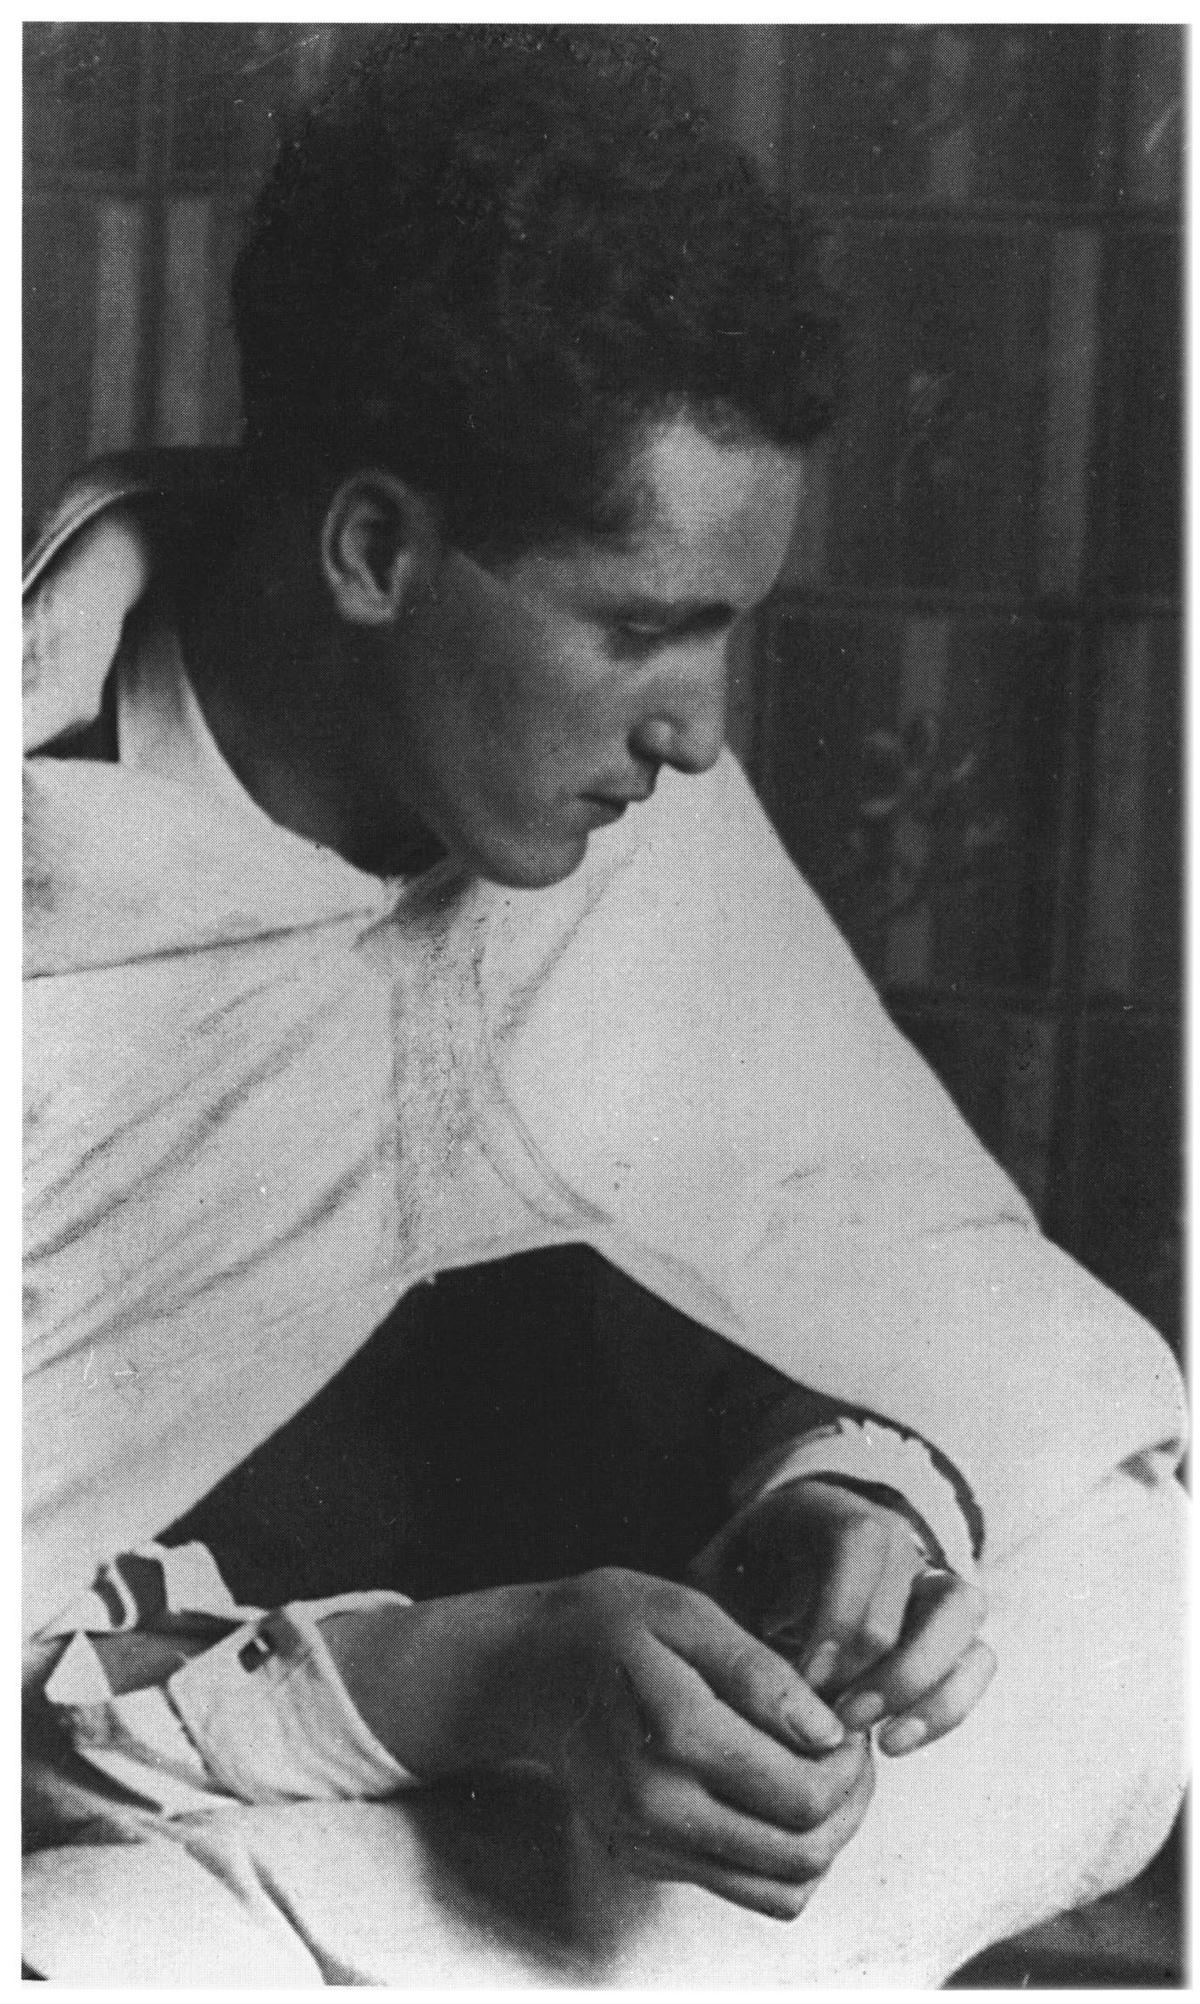 GRATUITEMENT VIE AMROUCHE MANSOUR FADHMA MA DE TÉLÉCHARGER HISTOIRE AIT PDF